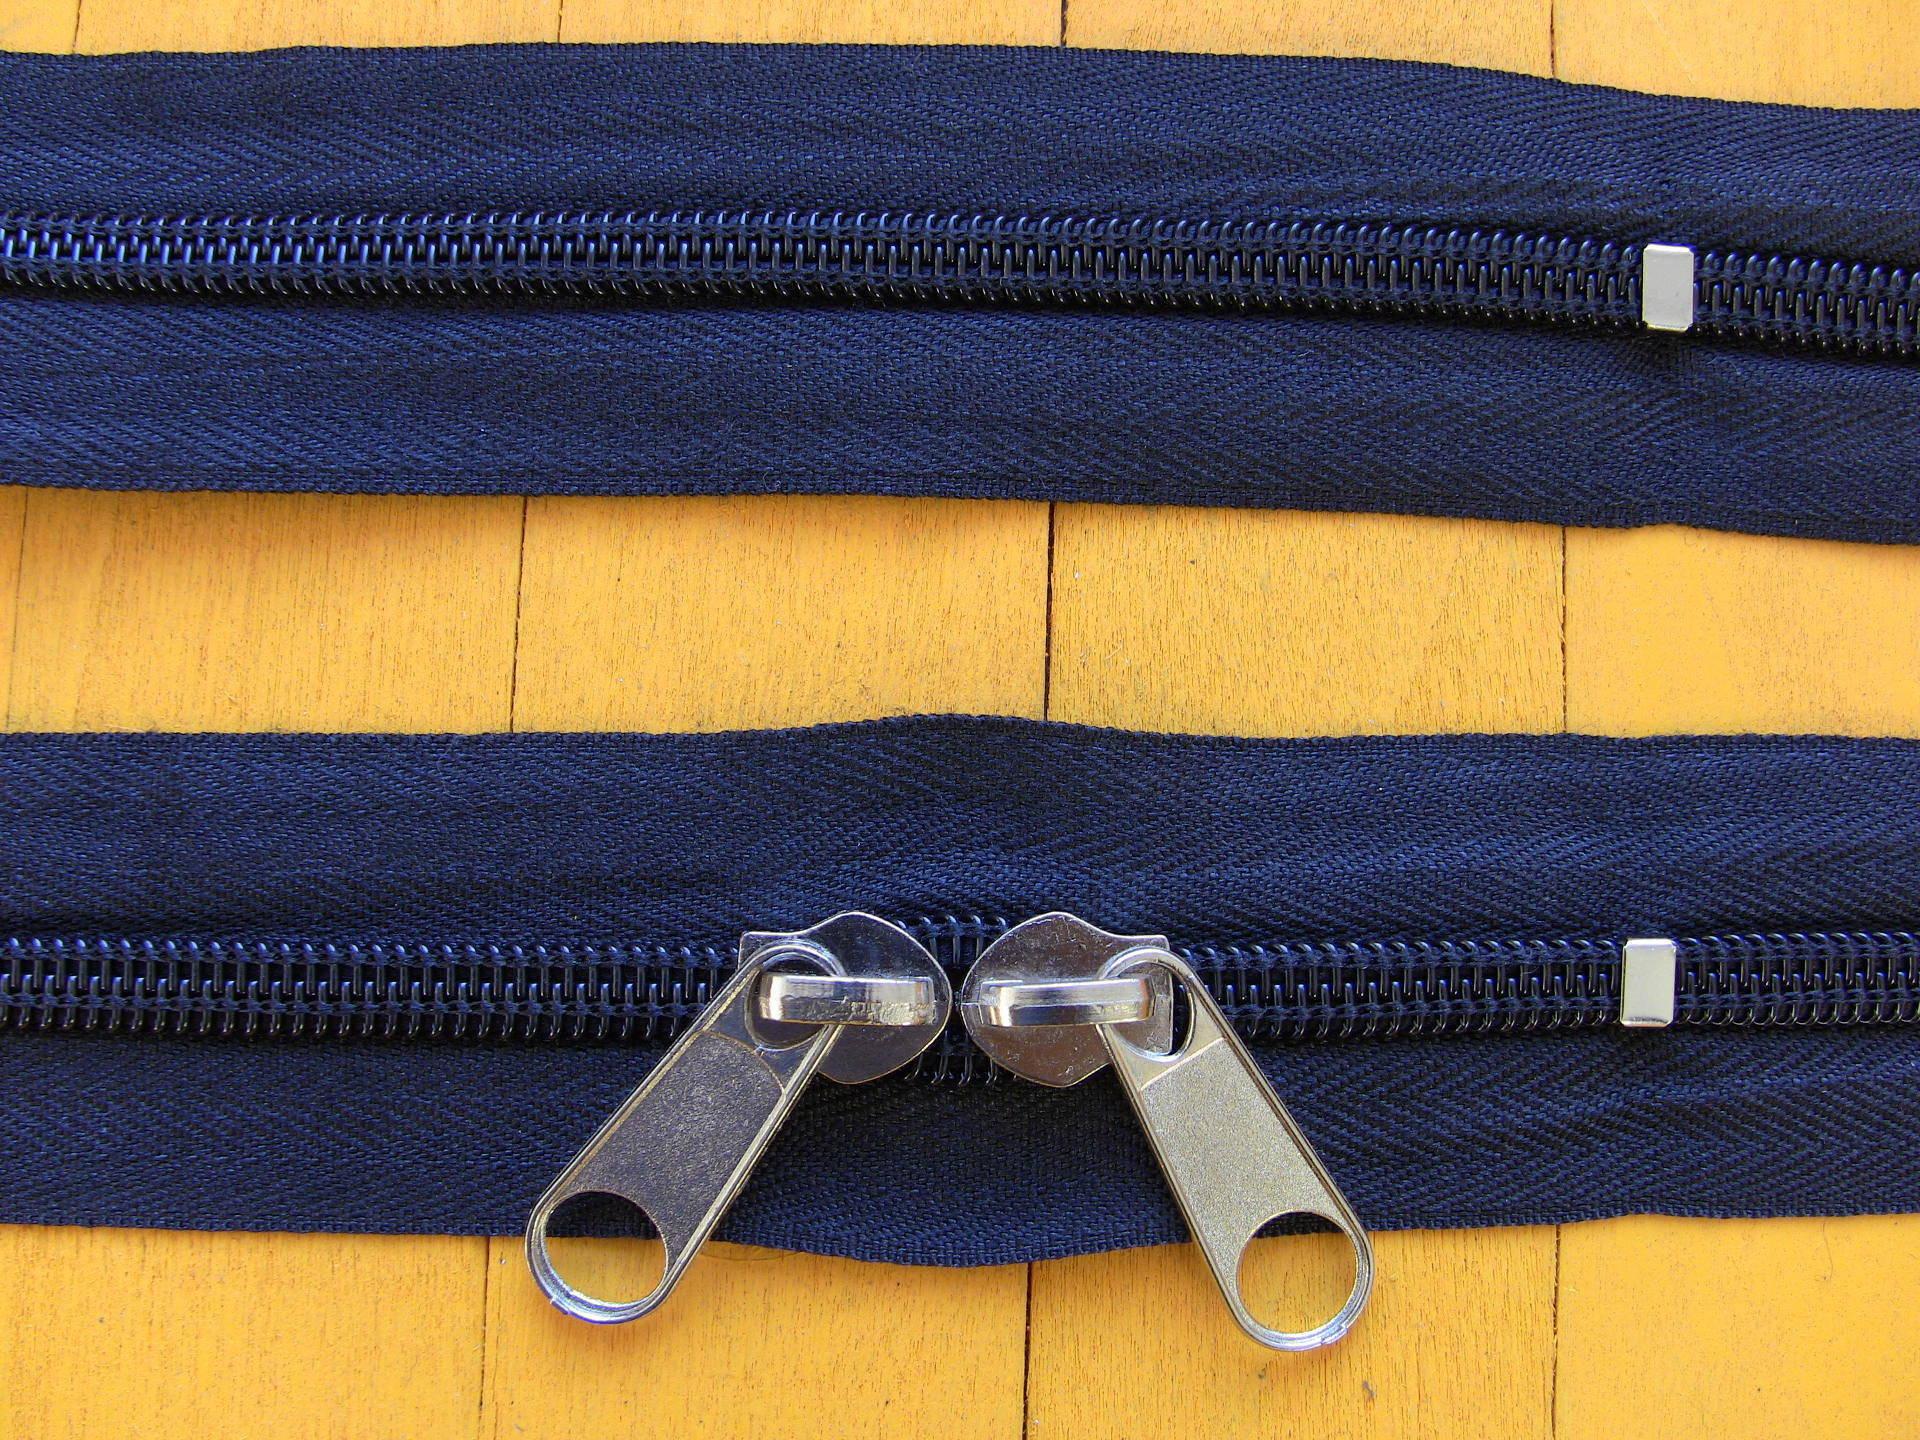 Grande fermeture eclair à glissiere 50 à 95cm No 8 double curseurs grosse maille spirale Noir Ecru Camel Marine Gris Bordeaux Kaki Marron